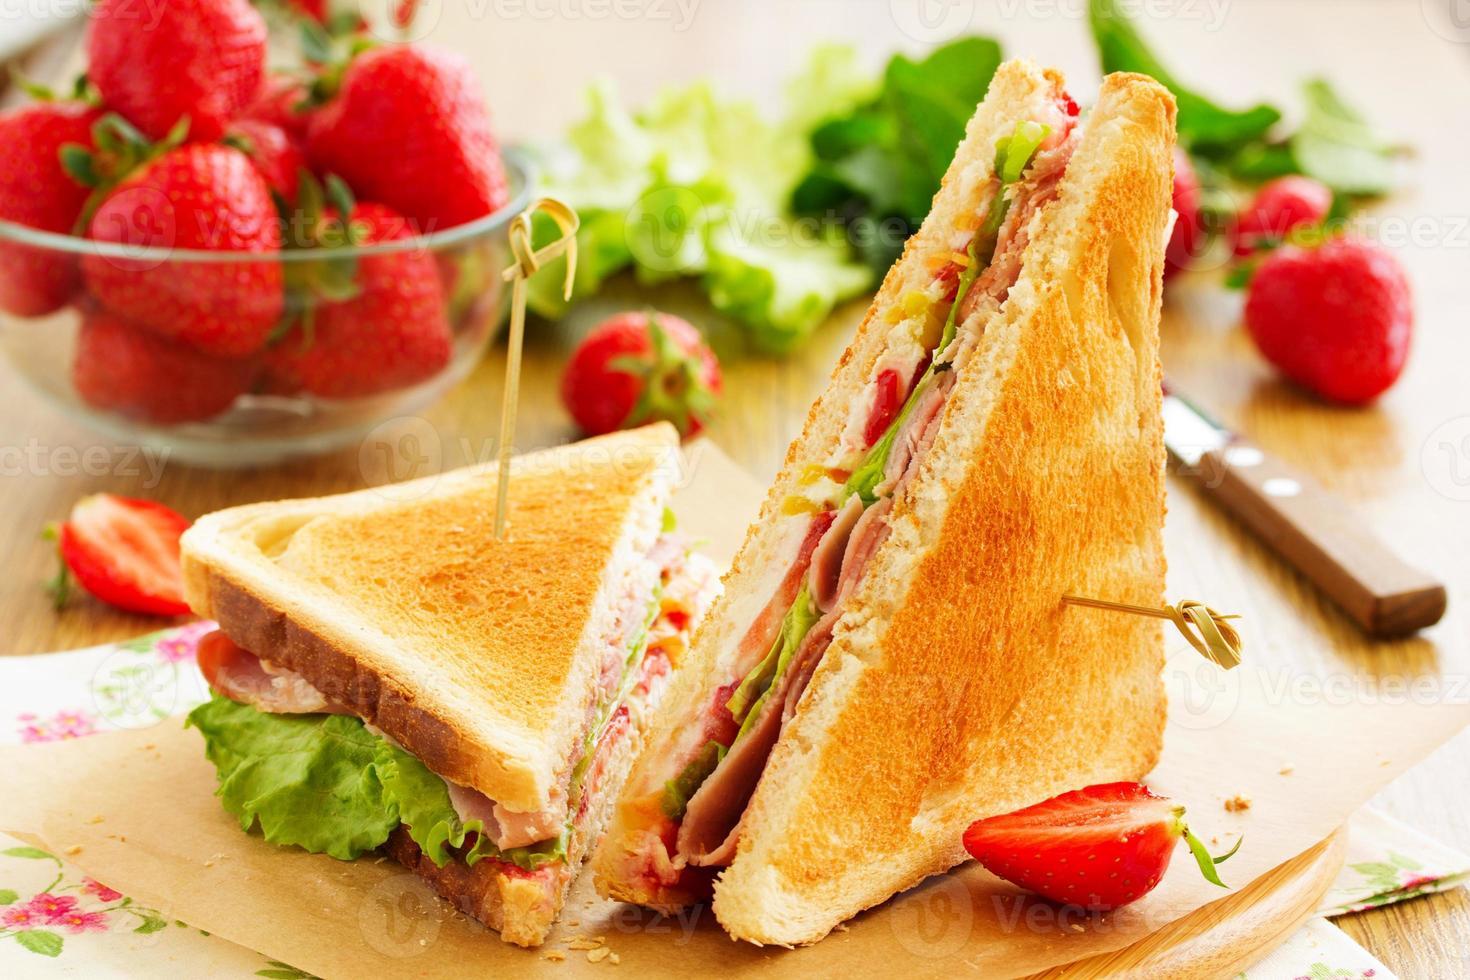 sandwich à la dinde diététique et fraise. photo